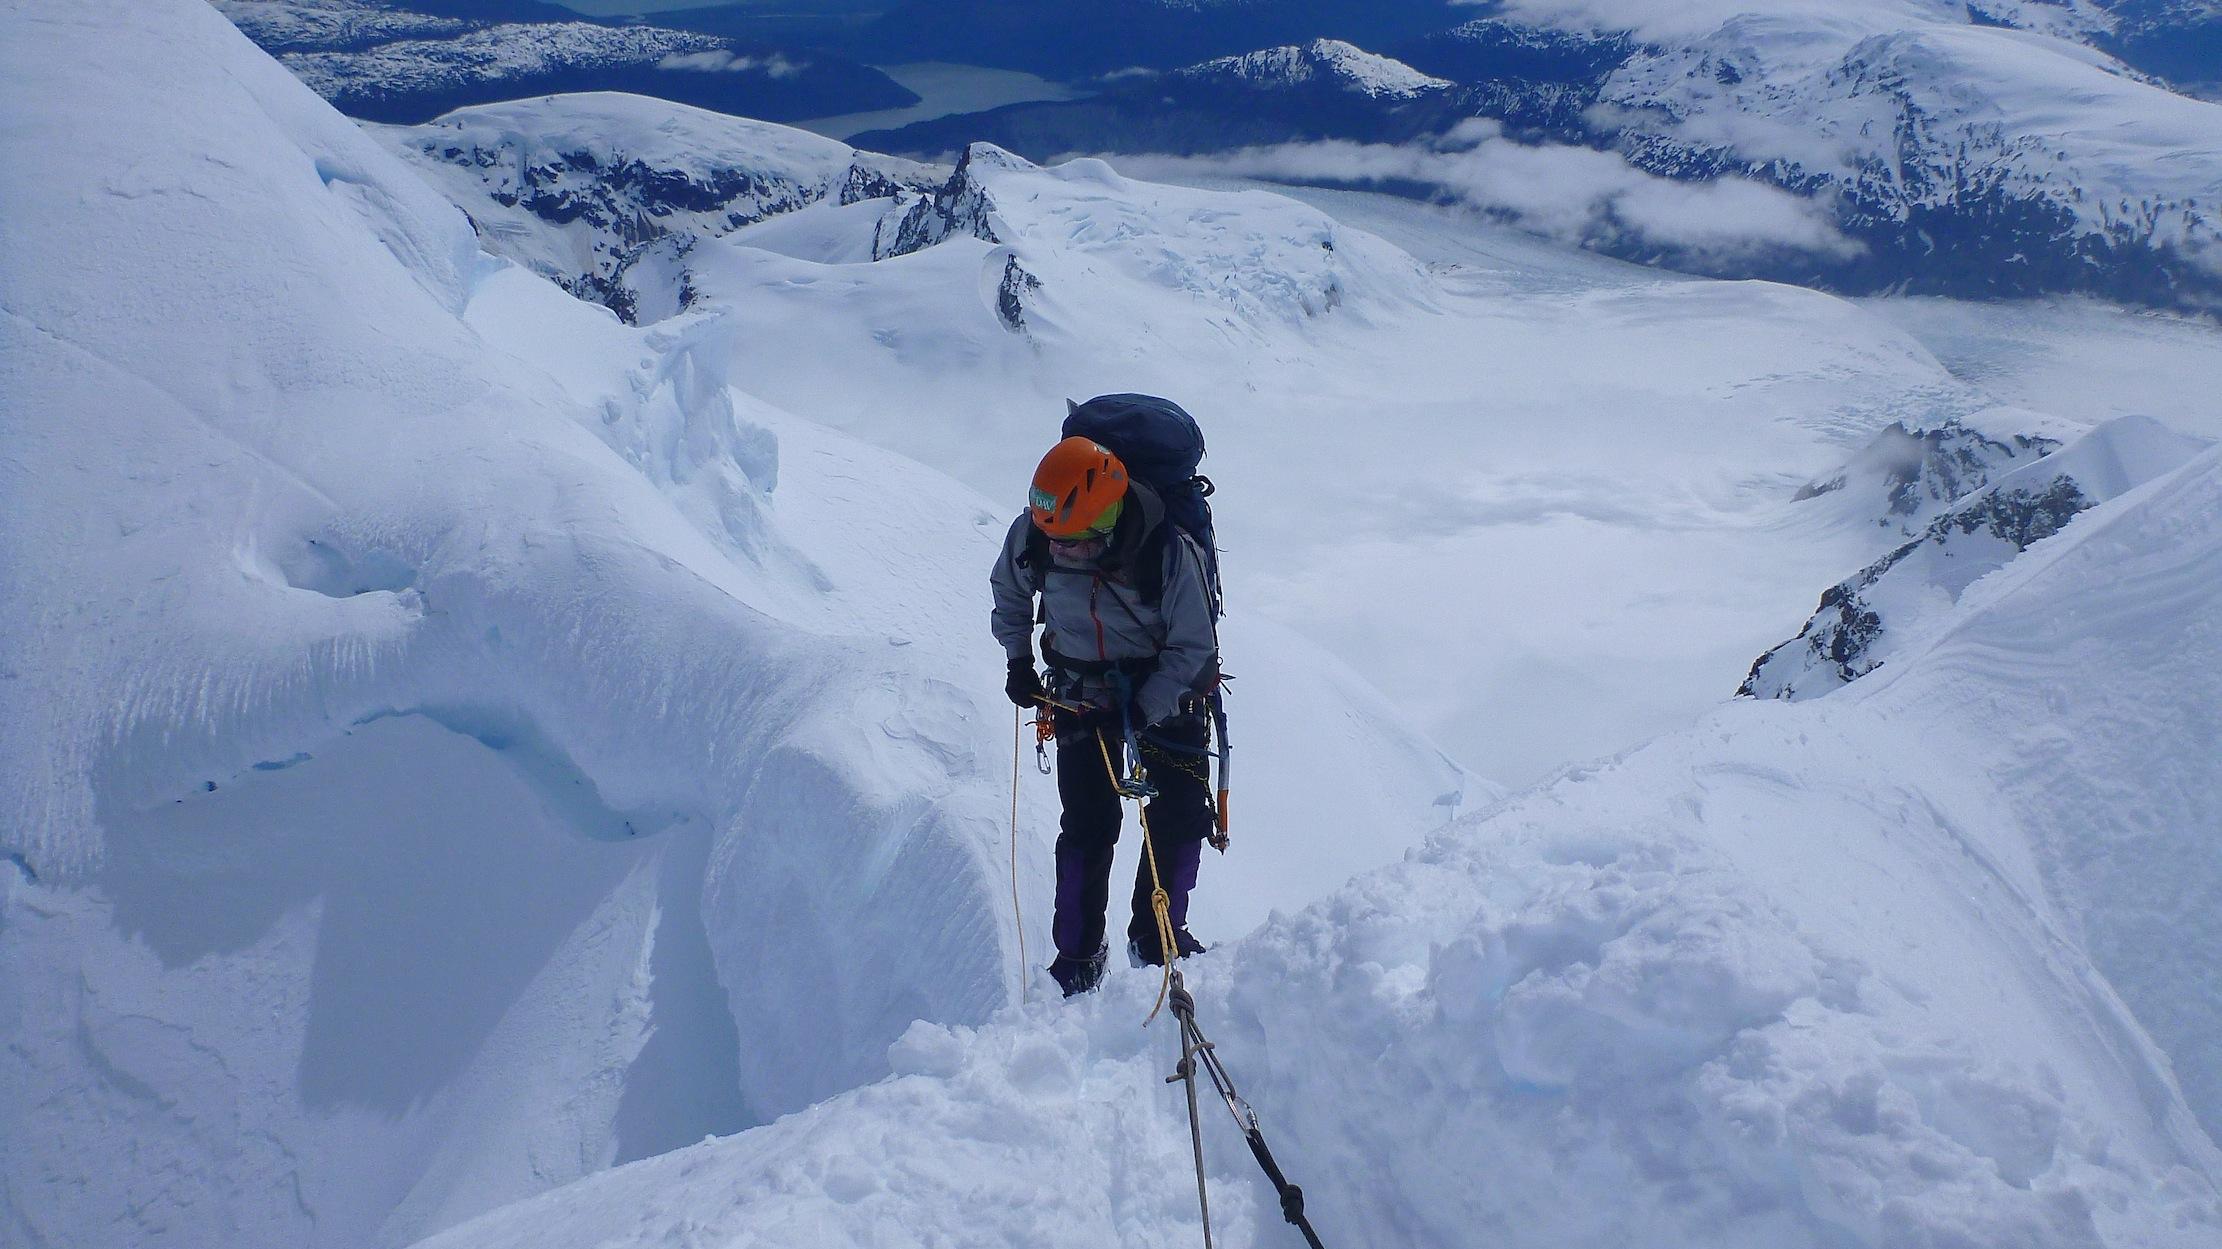 Descendiendo la pared de hielo que da acceso a la arista final del cerro Horacio Toro. Foto: Matías Prieto